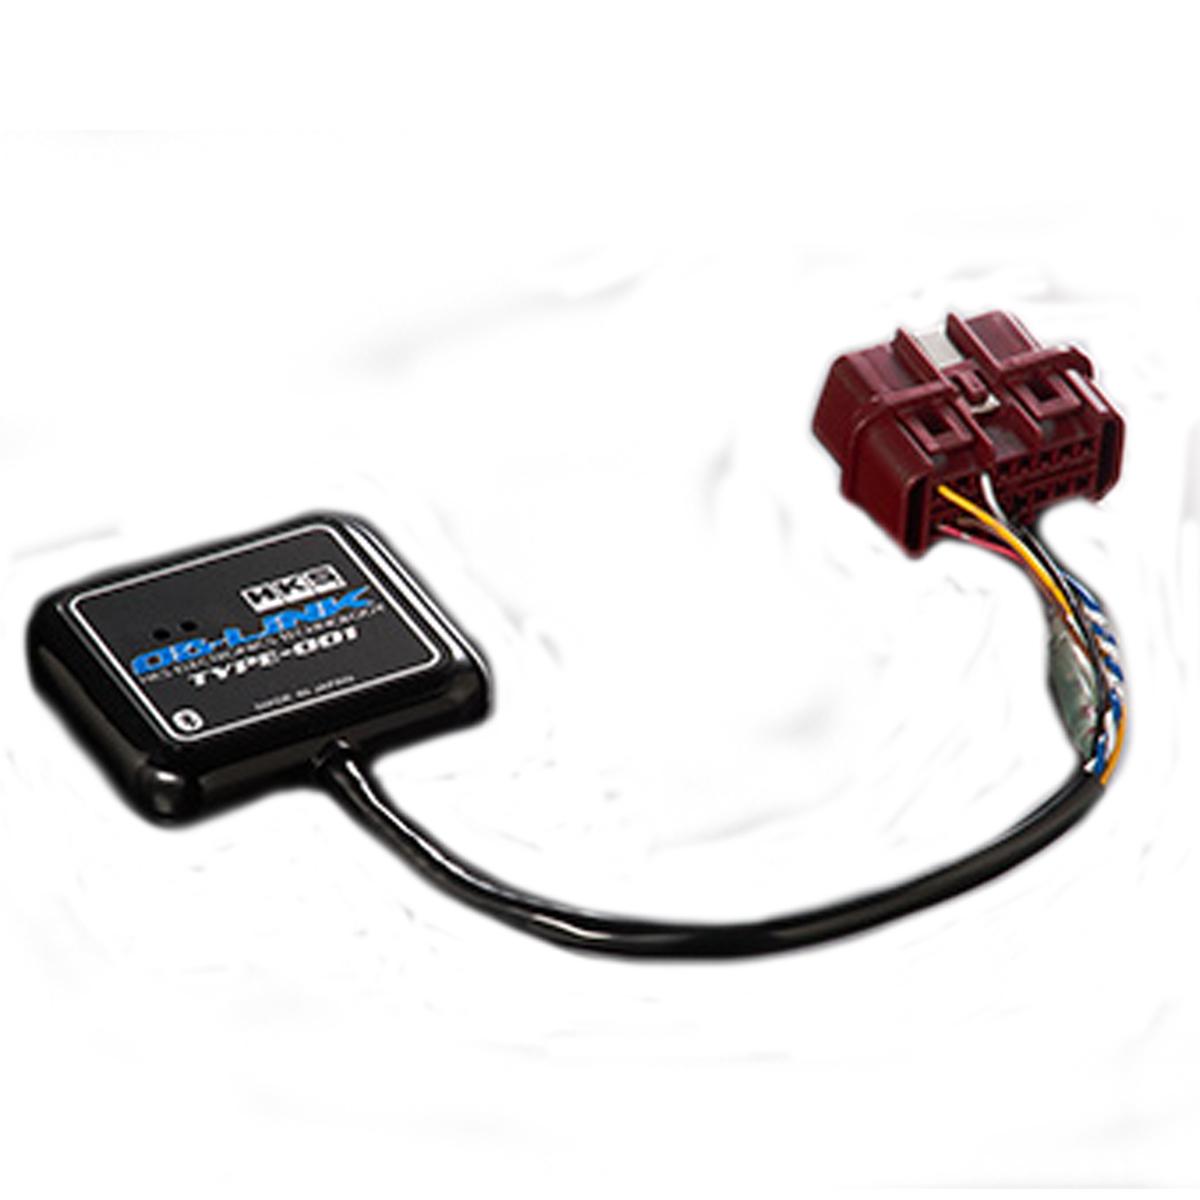 プレマシー モニター OBリンク タイプ 001 CR3W HKS 44009-AK002 エレクトリニクス 個人宅発送追金有